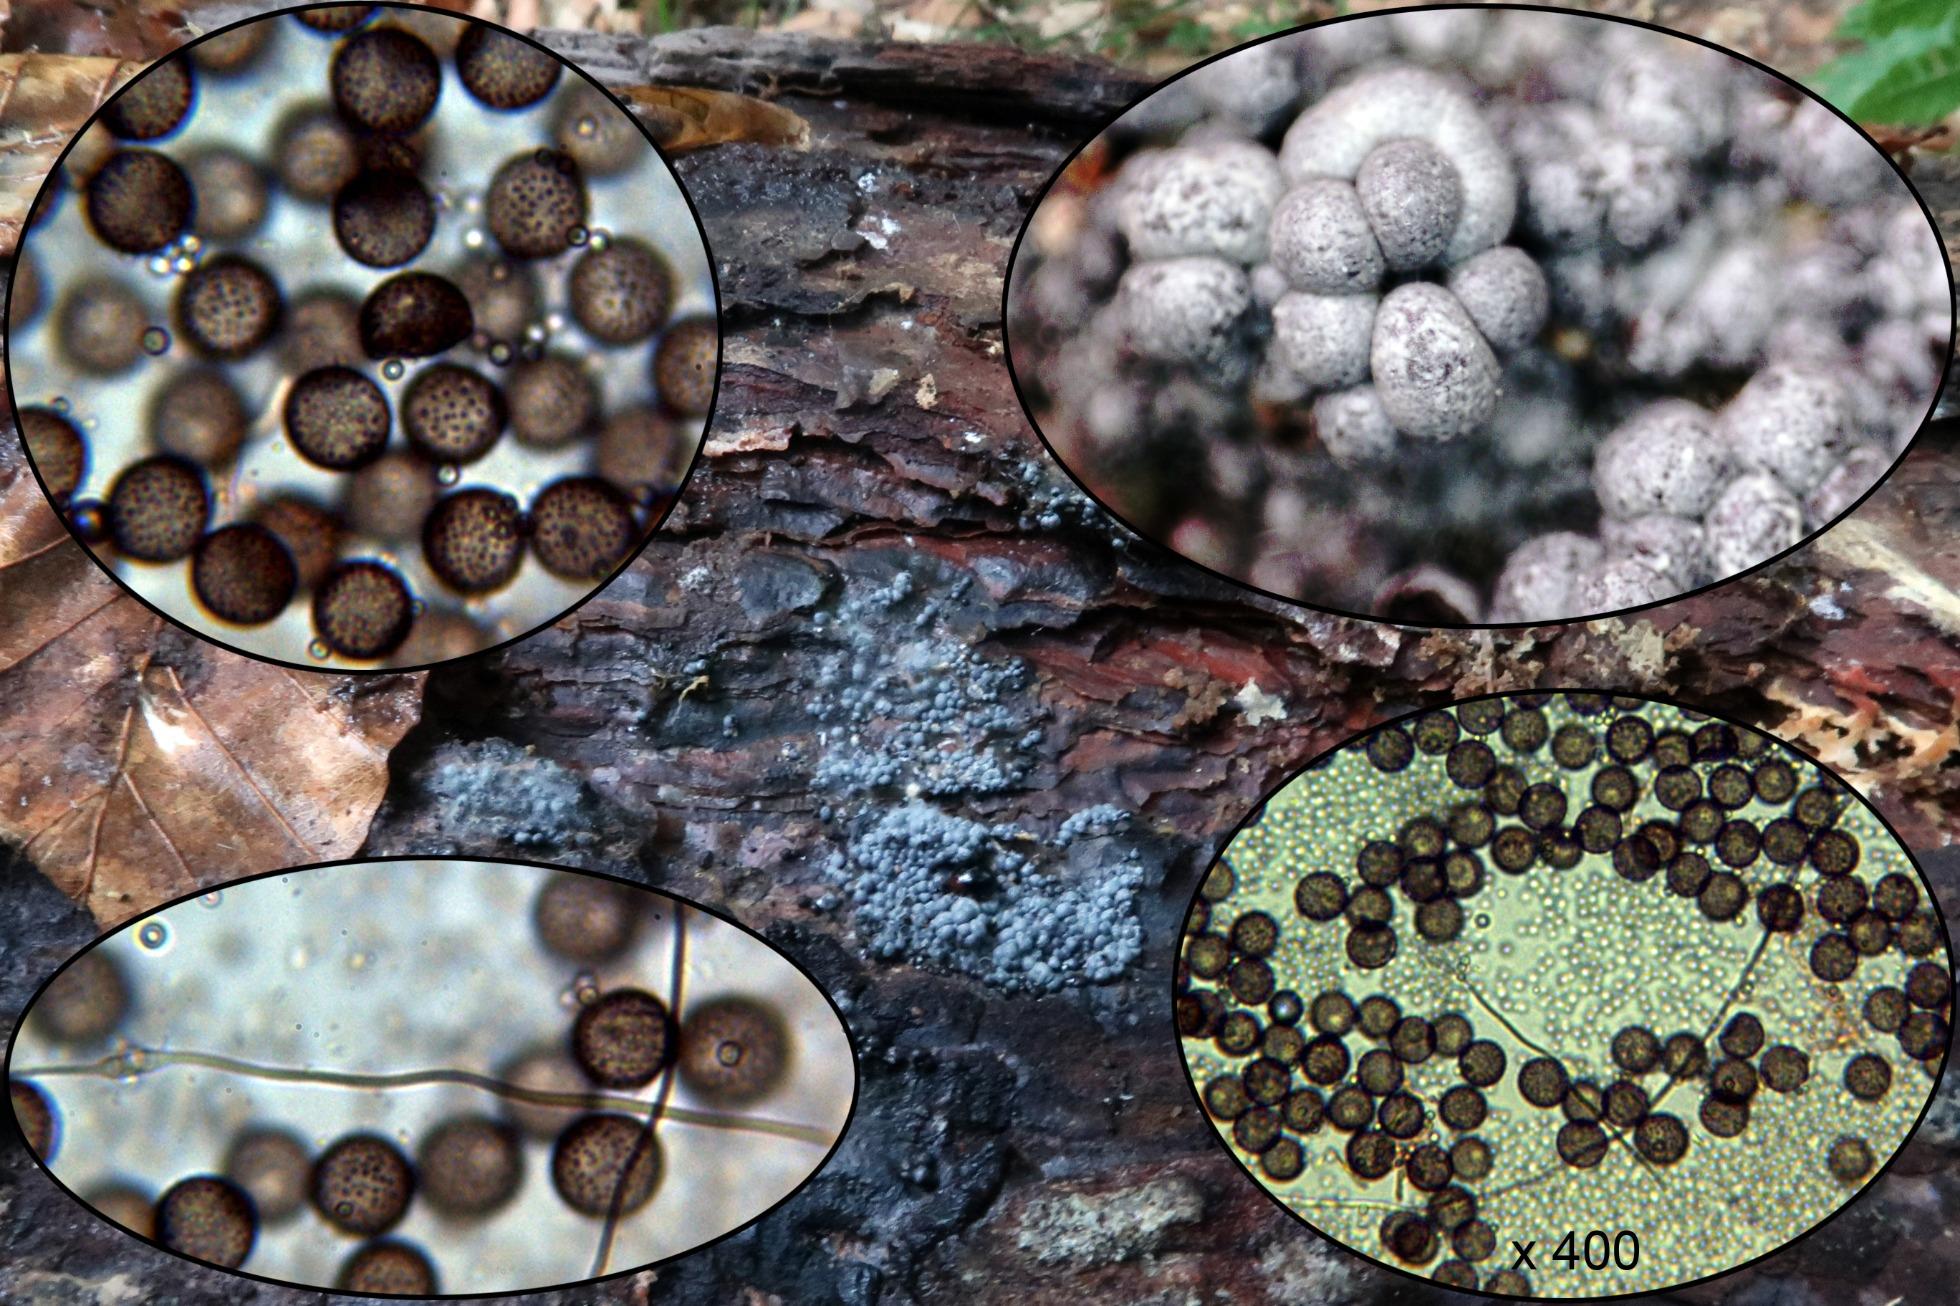 Didermaspumarioidesp_2020-08-15.jpg